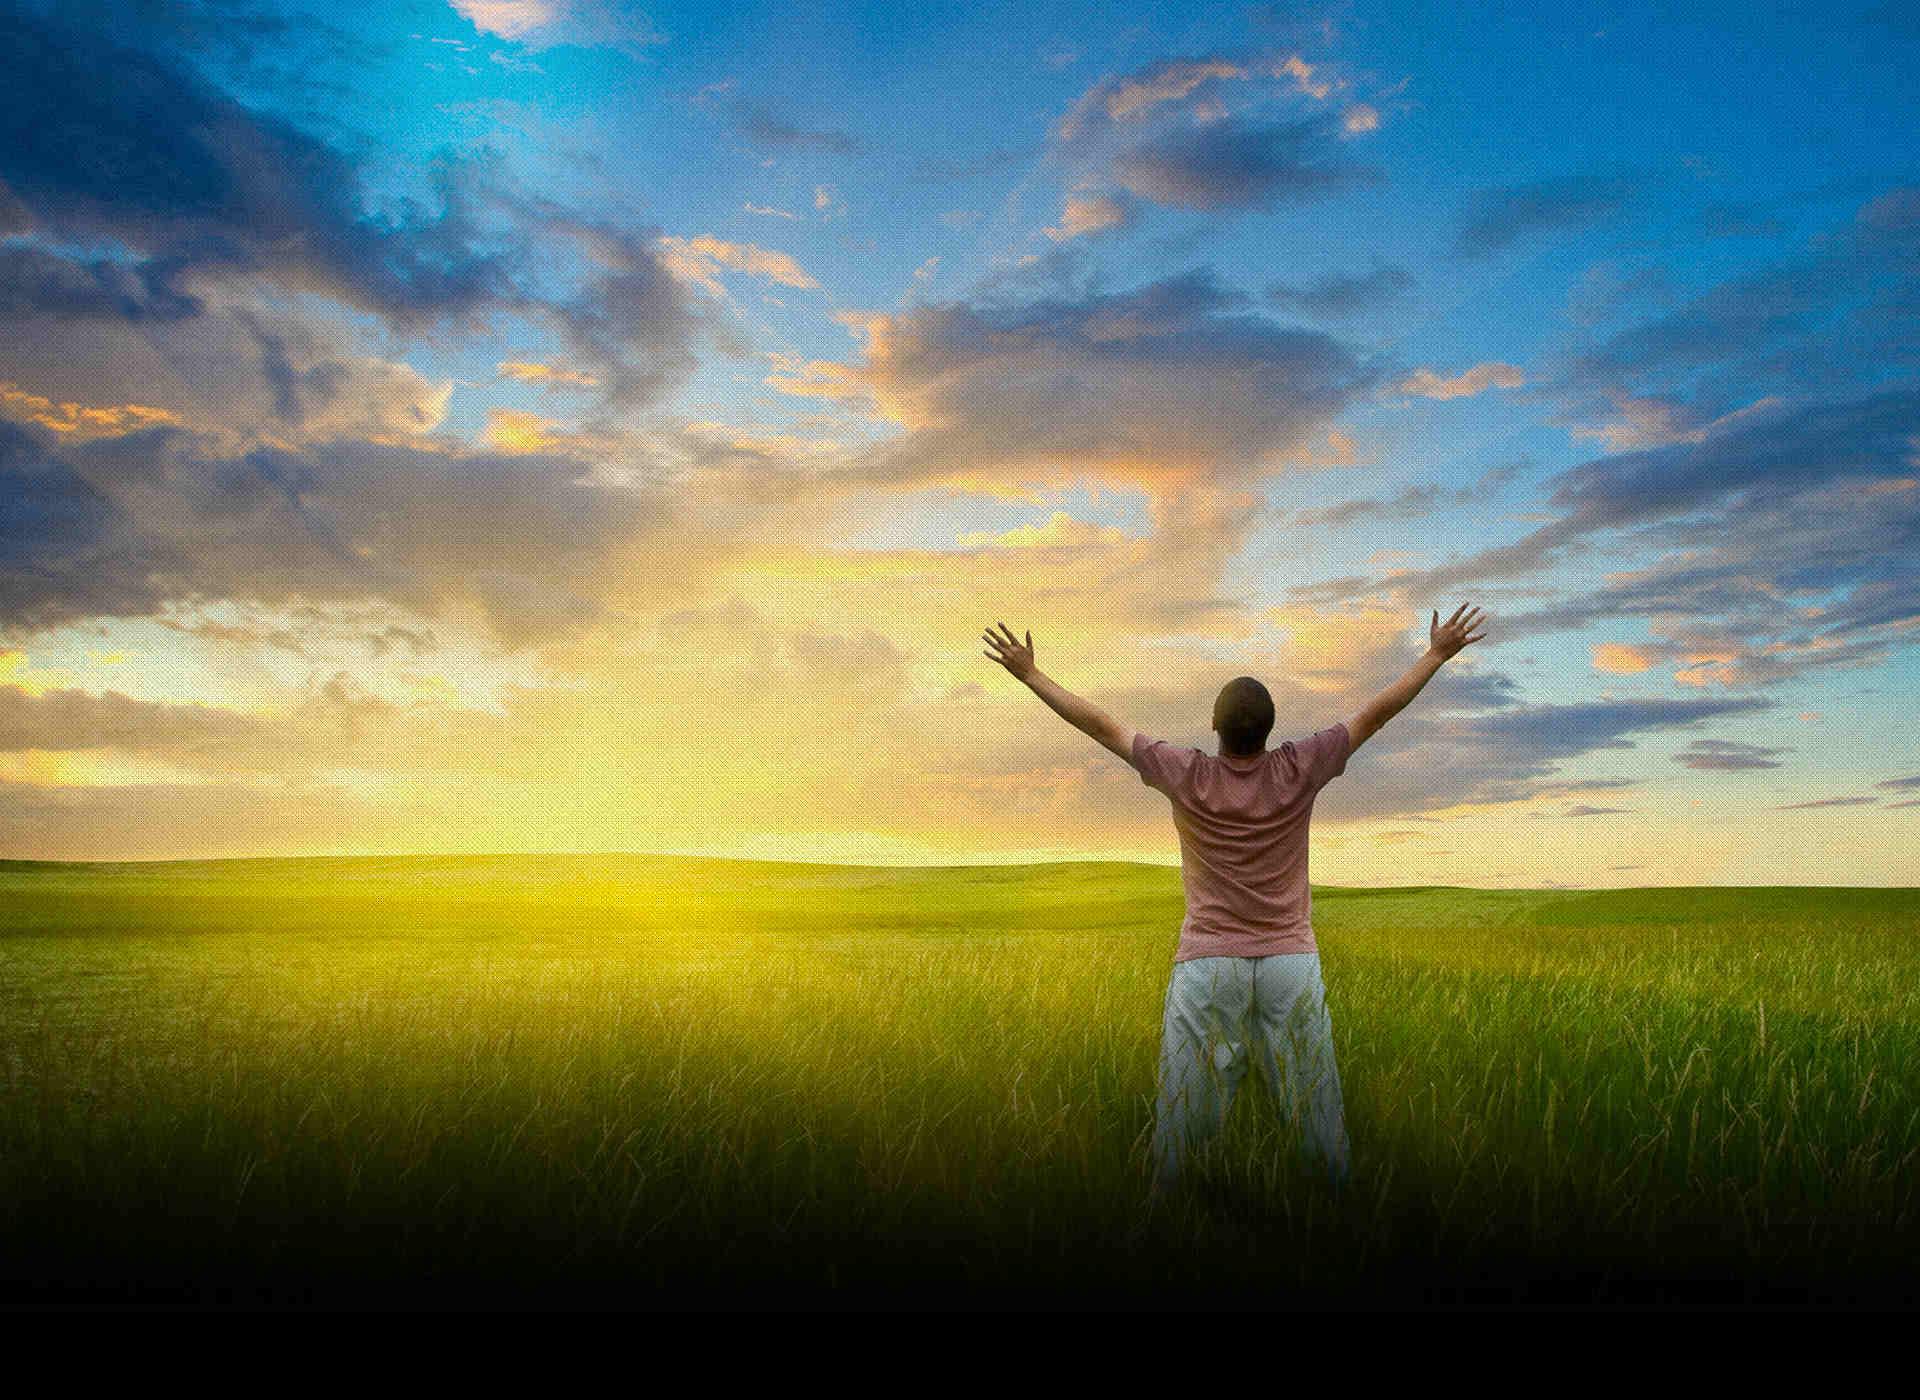 ഇസ്ലാം എന്ന നാമത്തിന്റെ അര്ത്ഥം